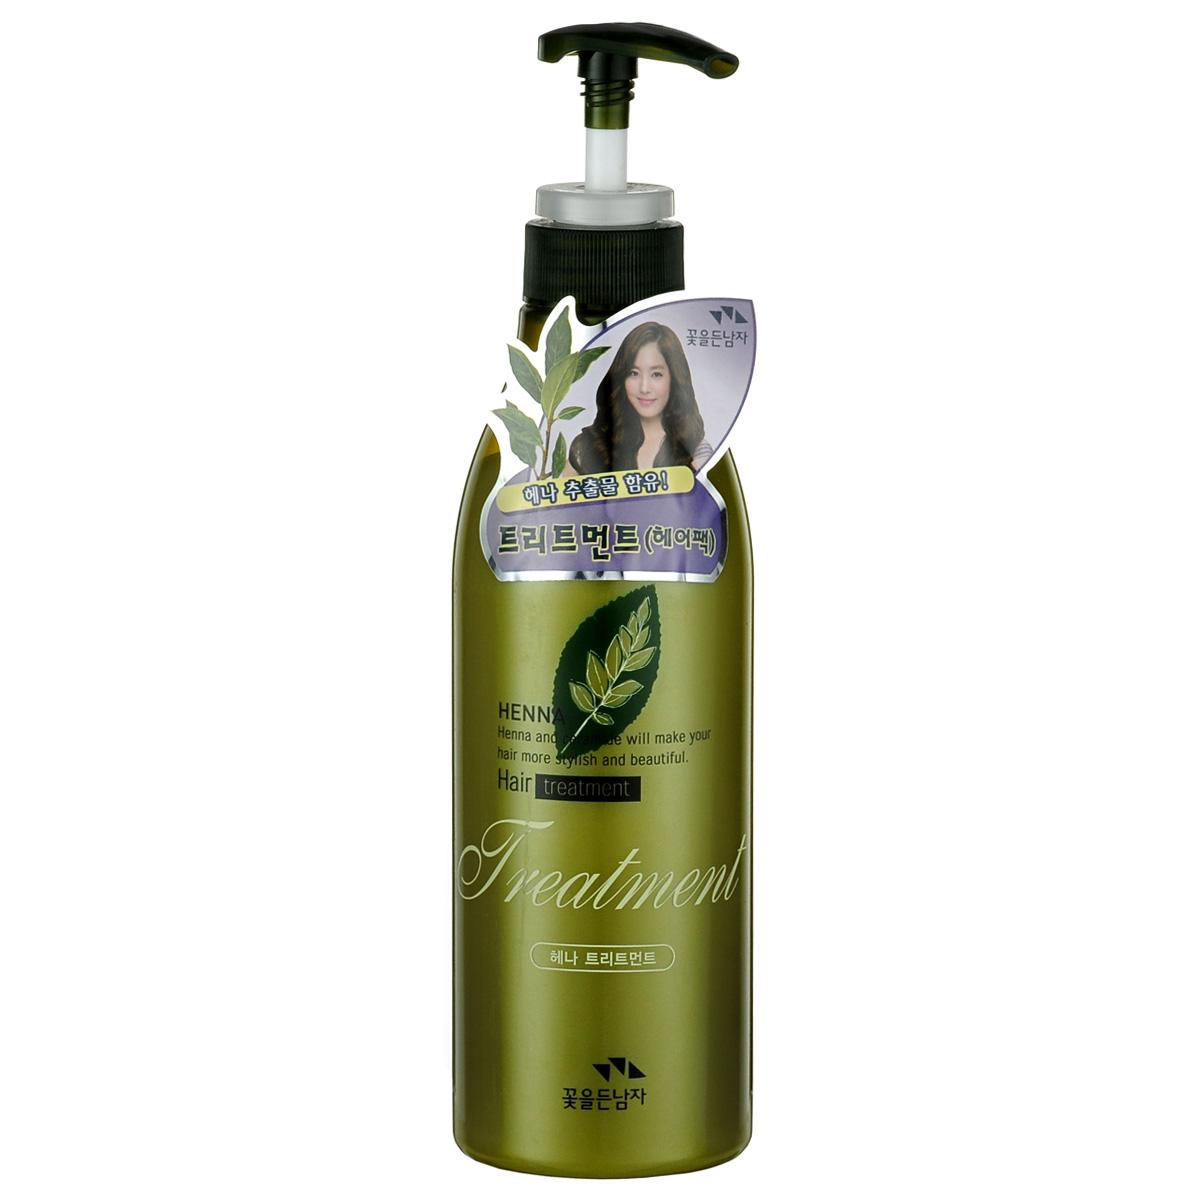 Somang Henna Маска для волос, 500 мл122346Для ослабленных и проблемных волос. Укрепляет кутикулу, питает волосы от корней до кончиков, благотворно влияет на кожу головы. Содержит керамид. Для всех типов волос. Хна (Henna) используется в медицине и косметологии на протяжении тысяч лет. Под воздействием содержащихся в хне веществ, сжимается и уплотняется кутикула. Бесцветная хна лечит перхоть, укрепляет корни волос, препятствуя их выпадению, и отлично кондиционирует волосы, придавая им густоту и блеск.